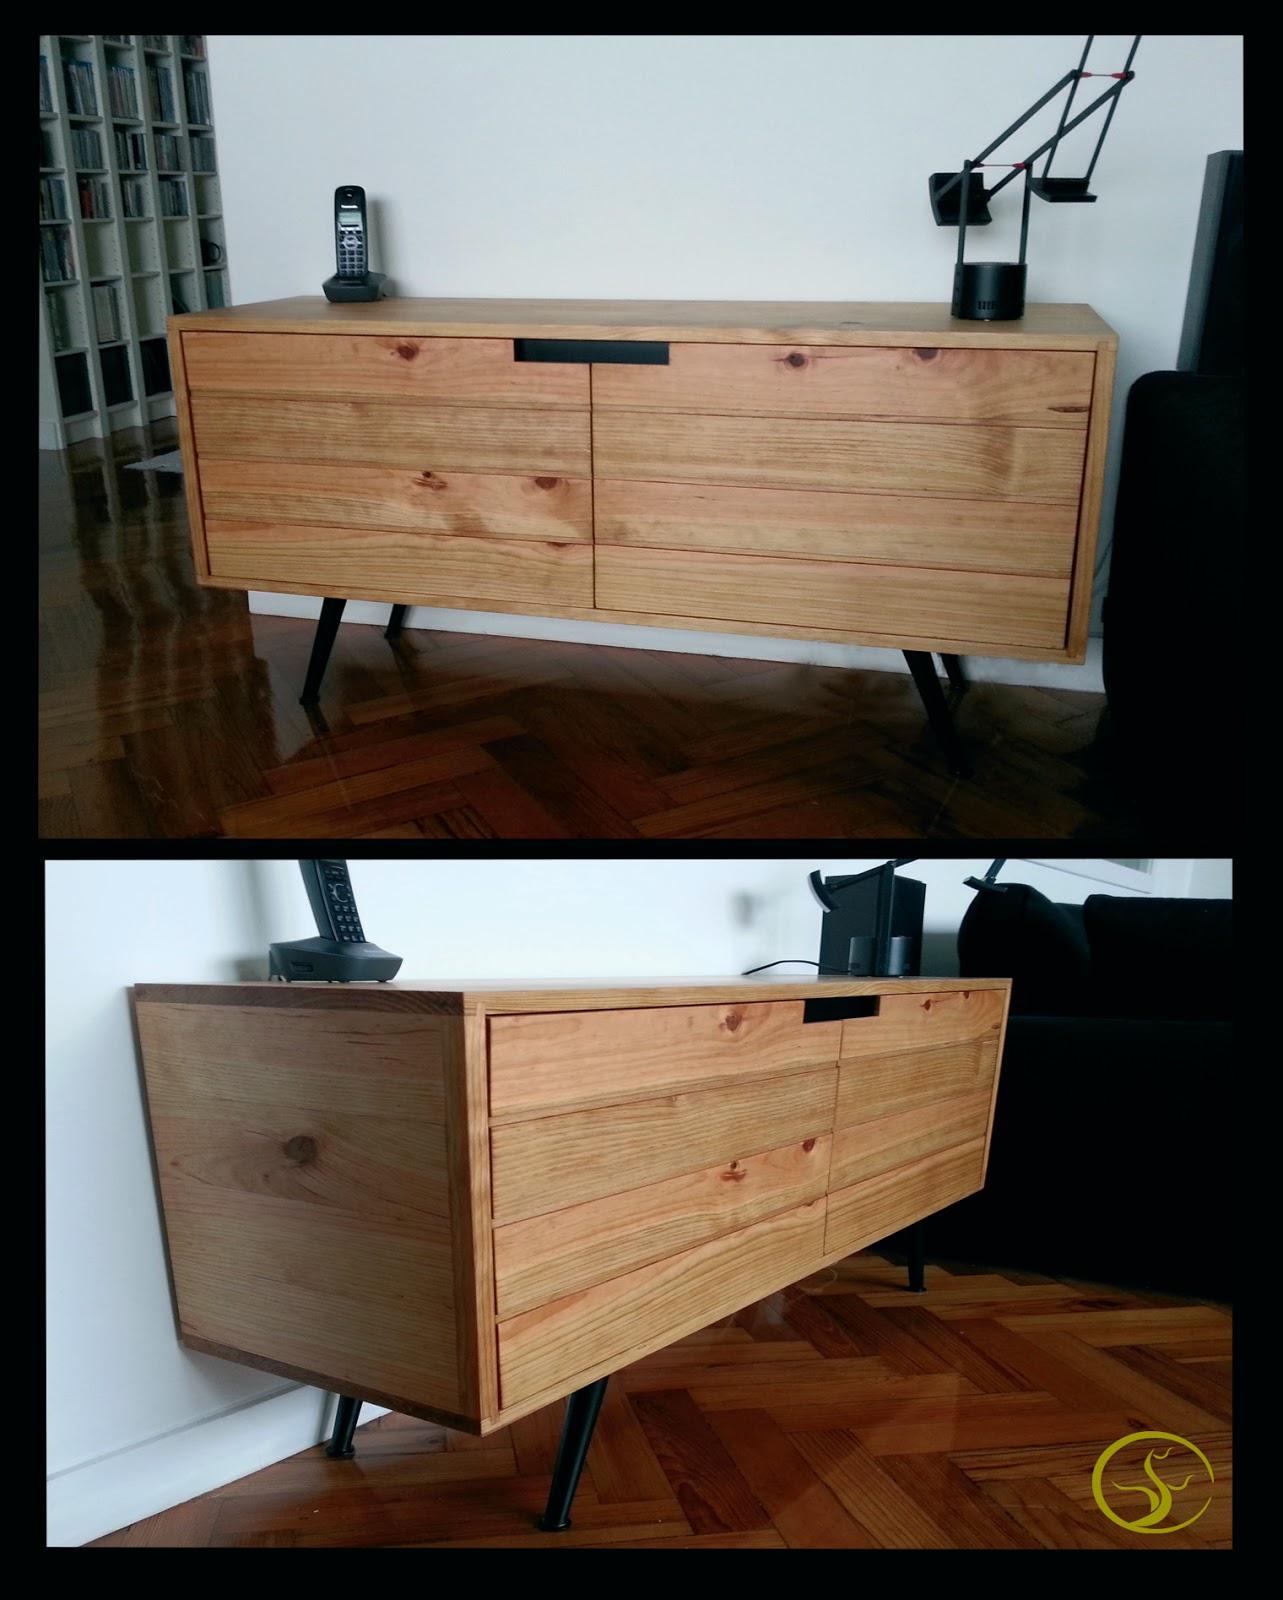 sfc muebles sostenibles y creativos Ecodiseño